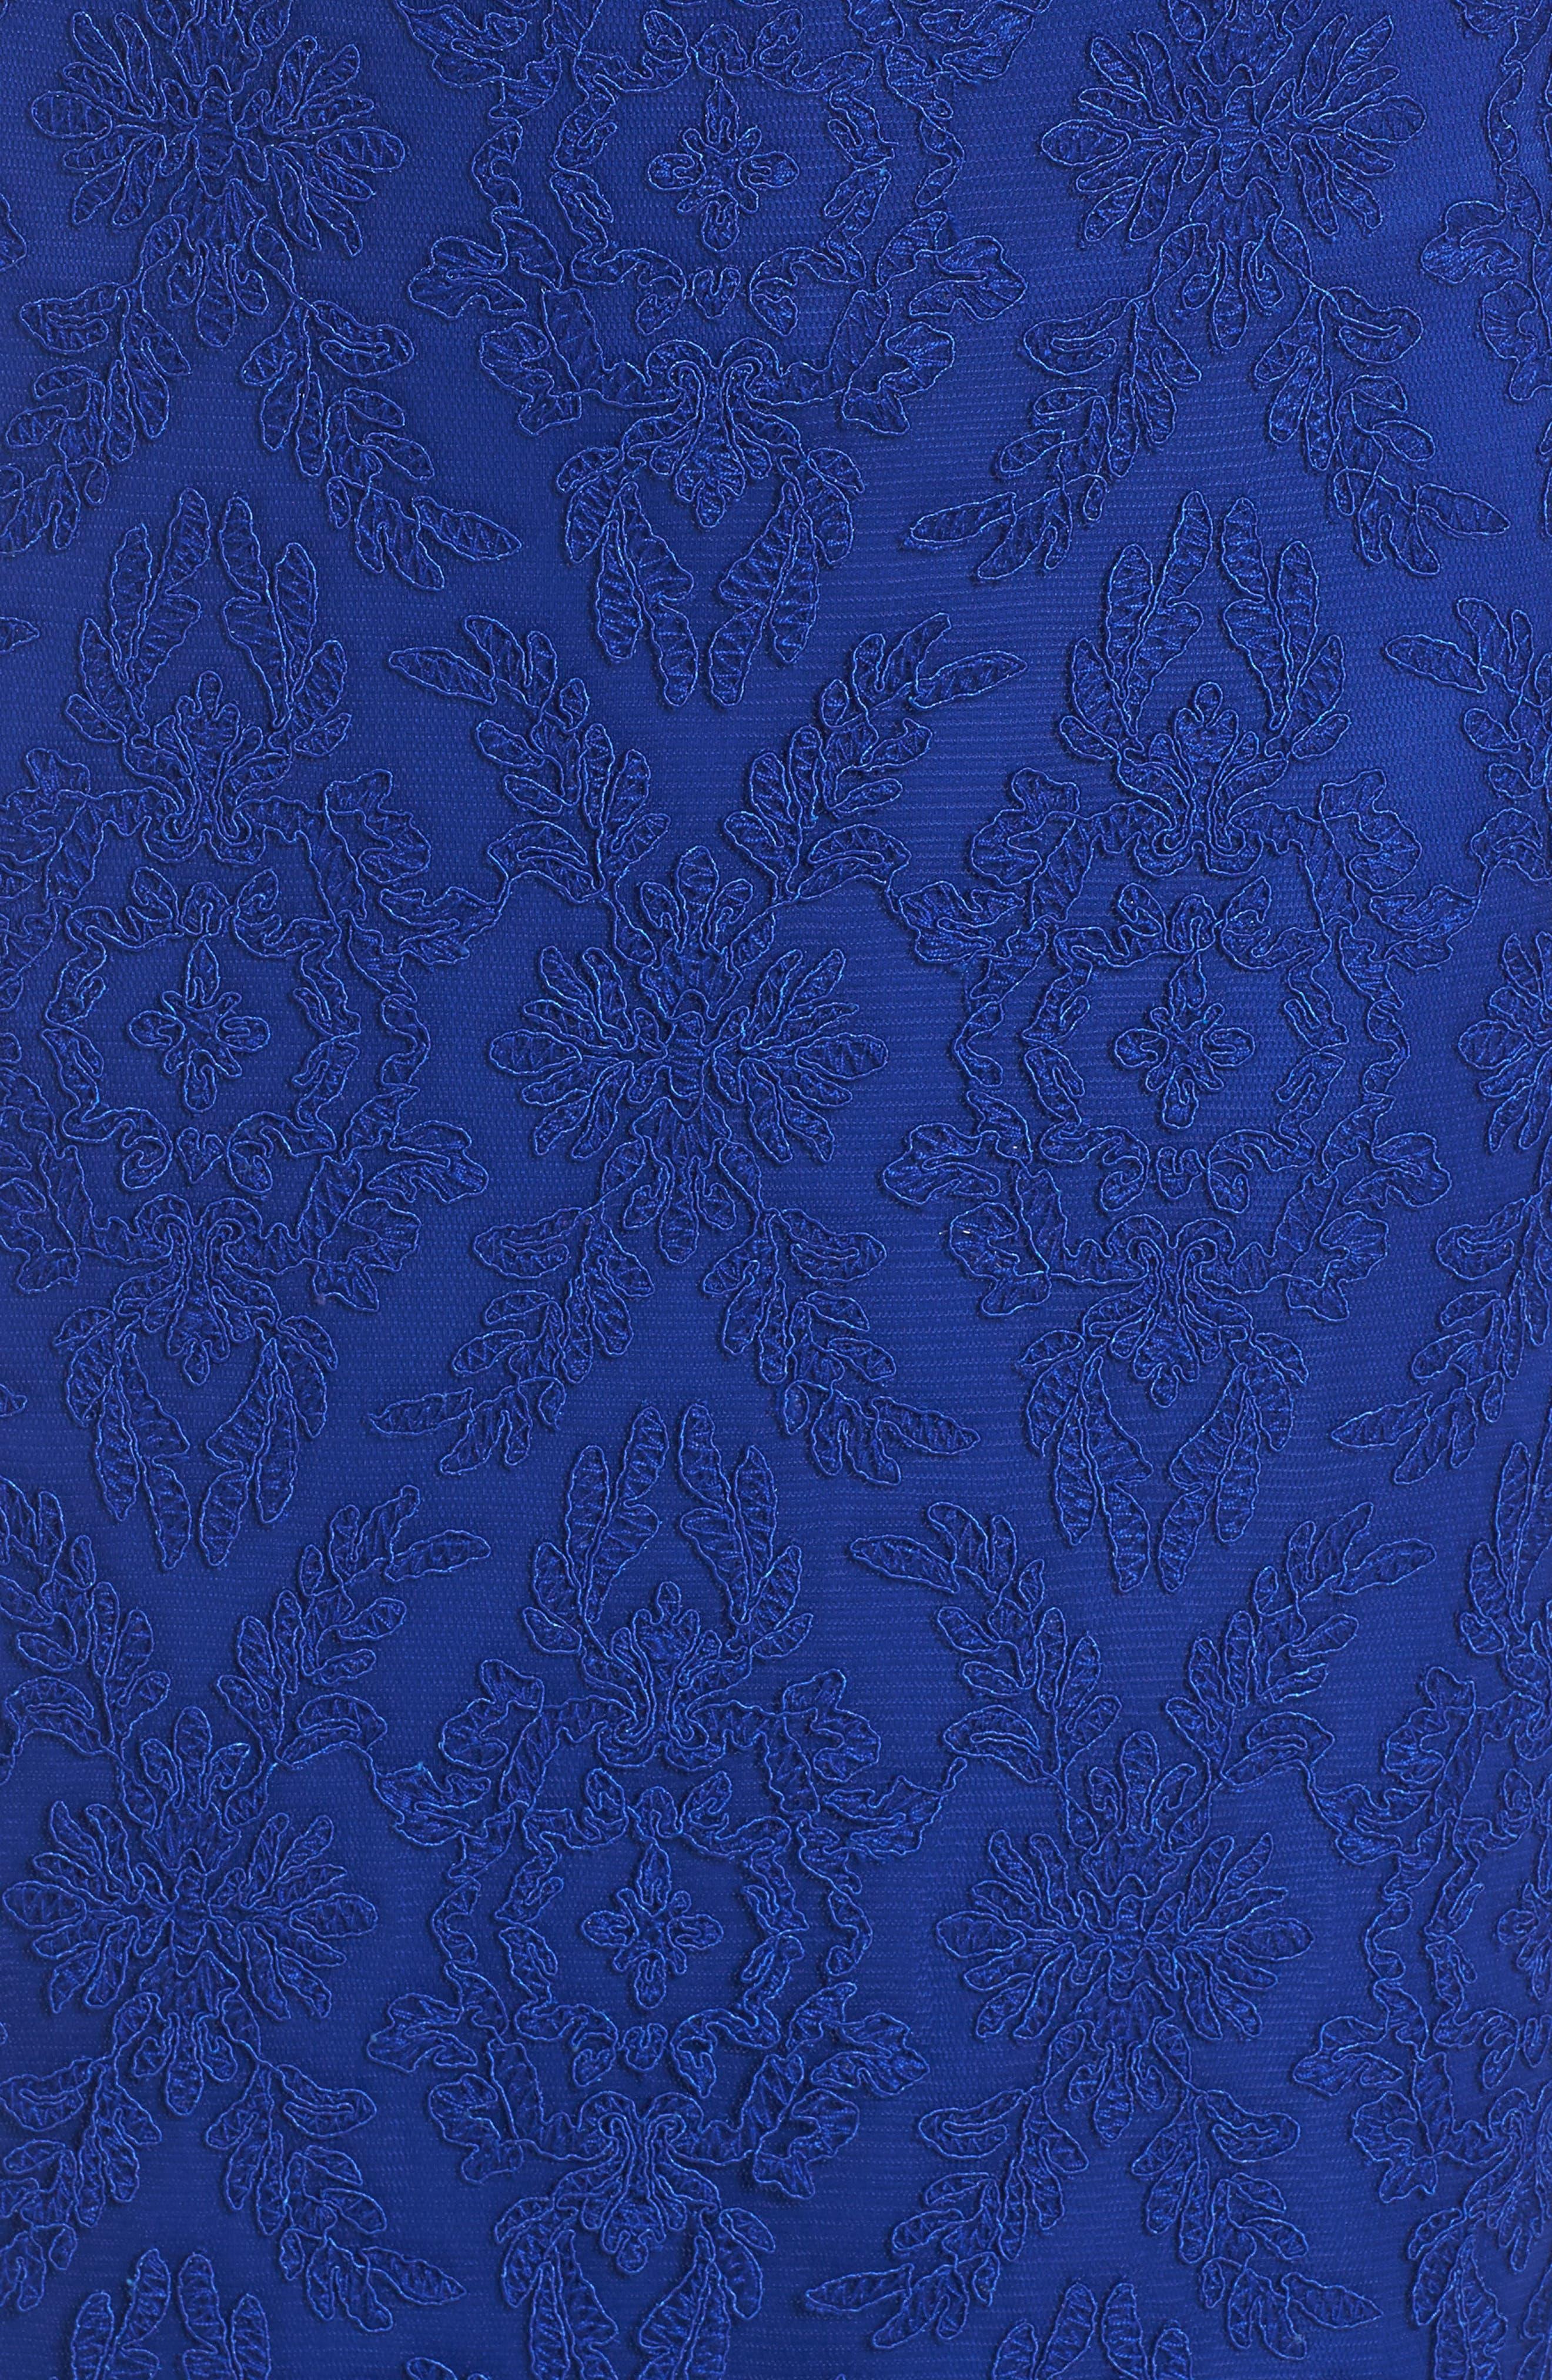 Corded Lace Blouson Gown,                             Alternate thumbnail 5, color,                             428